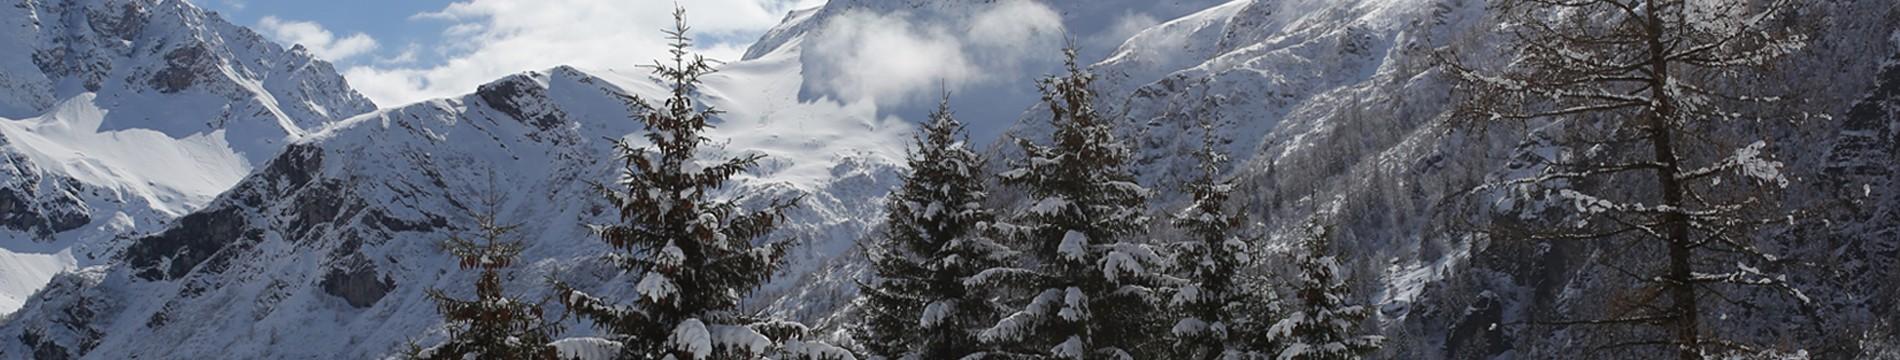 tetiere-ingenie-hiver-7-6960